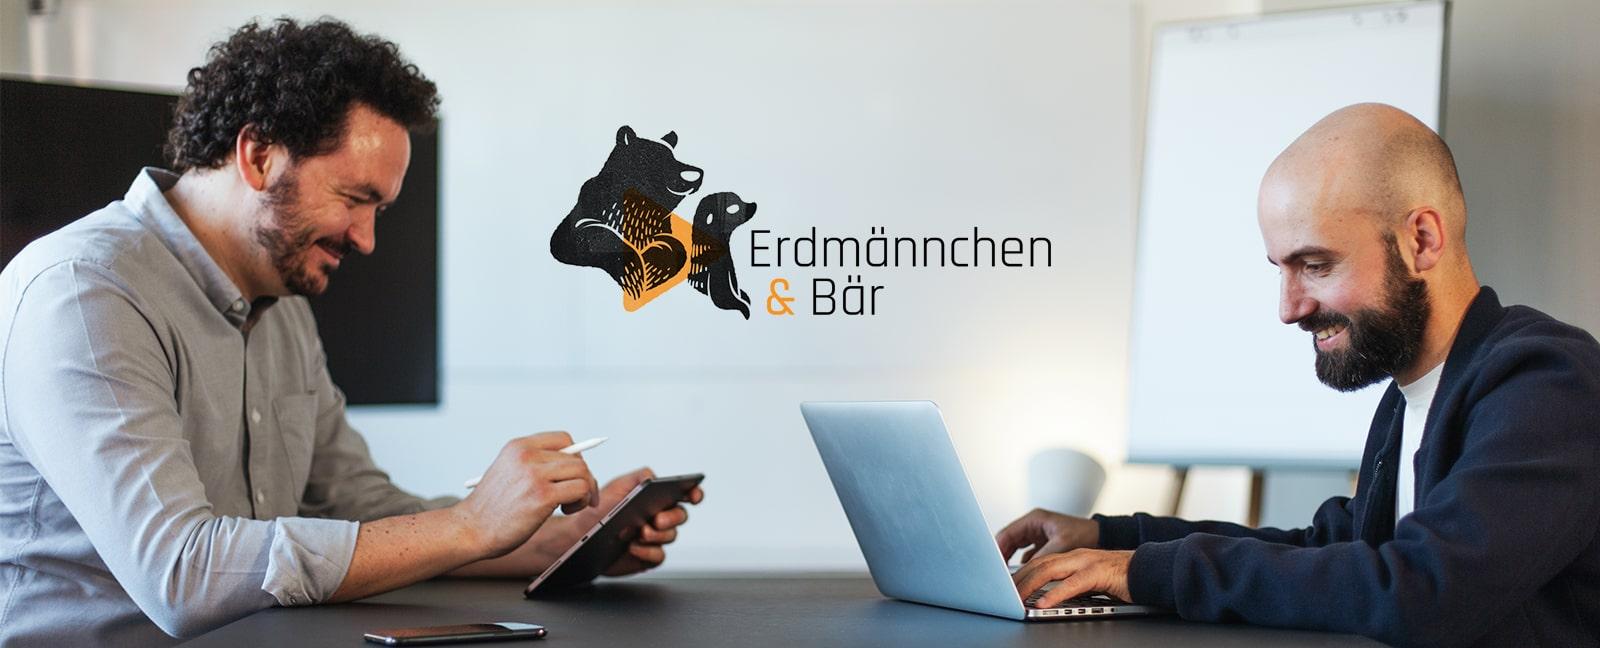 2 Männer sitzen an einem Tisch. Links ist Sebastian zu sehen und rechts Felix. Beide lachen und schauen auf ihre Arbeitsgeräte. In der Mitte ist das Logo von Erdmännchen&Bär